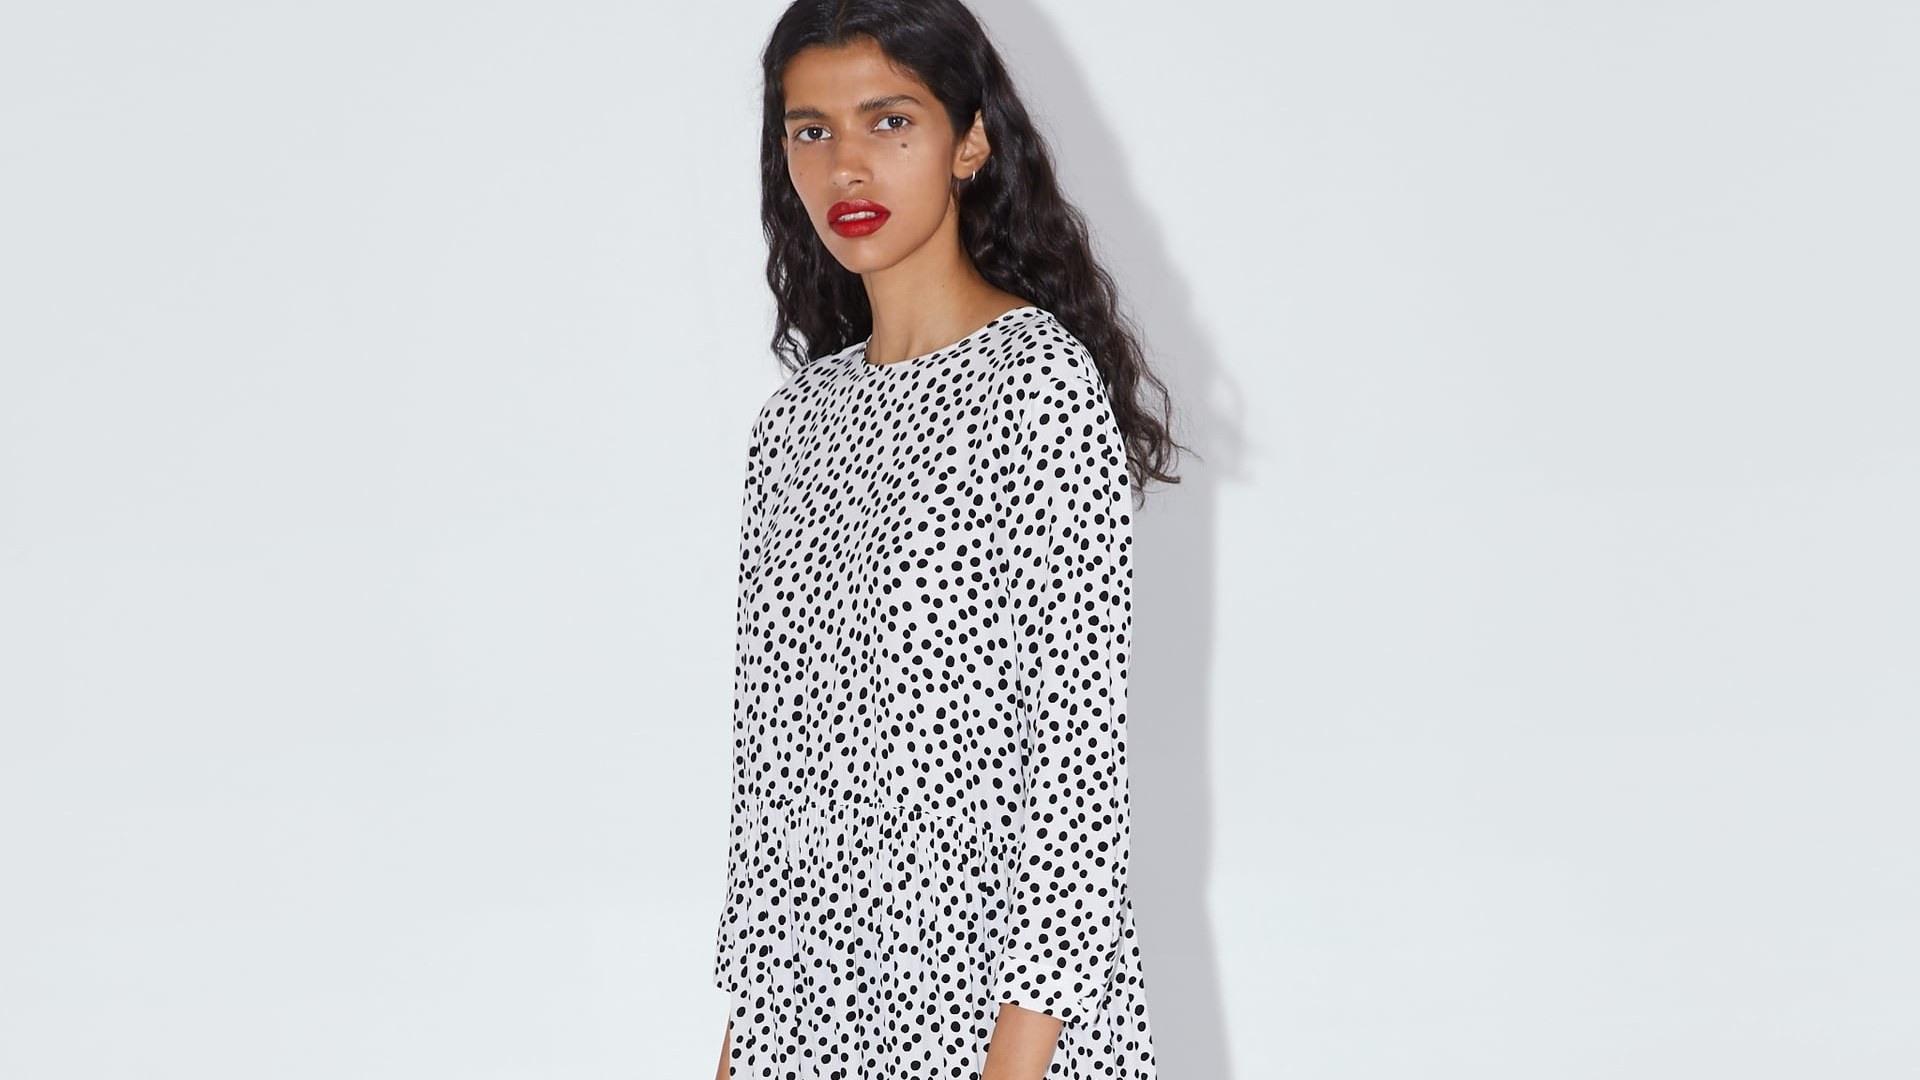 20 Erstaunlich Abendkleid Von Zara Bester PreisDesigner Ausgezeichnet Abendkleid Von Zara Vertrieb